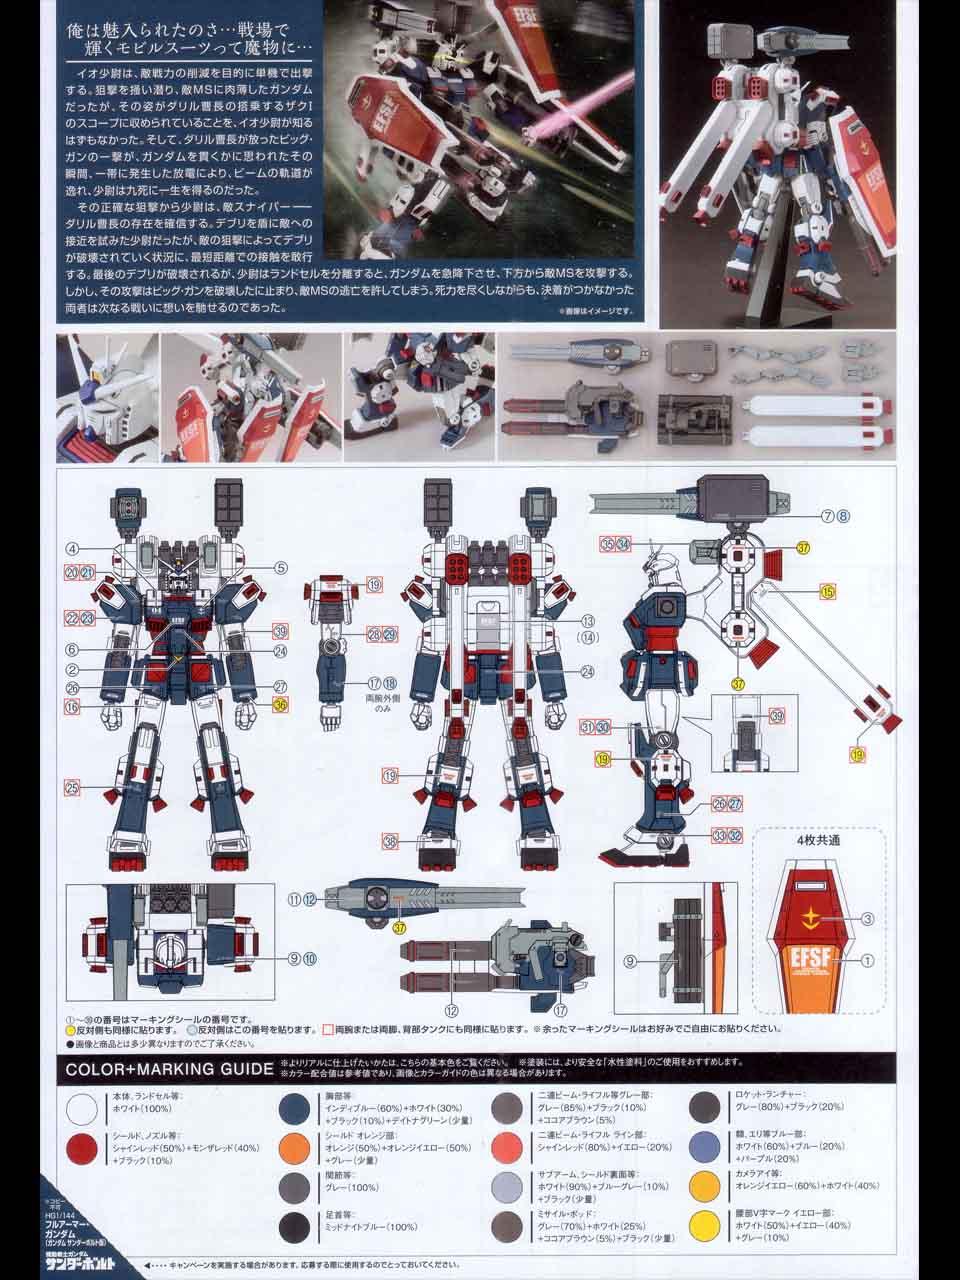 HGGT_FA_78_Fullarmor_gundam_Thunderbolt_ver_12.jpg